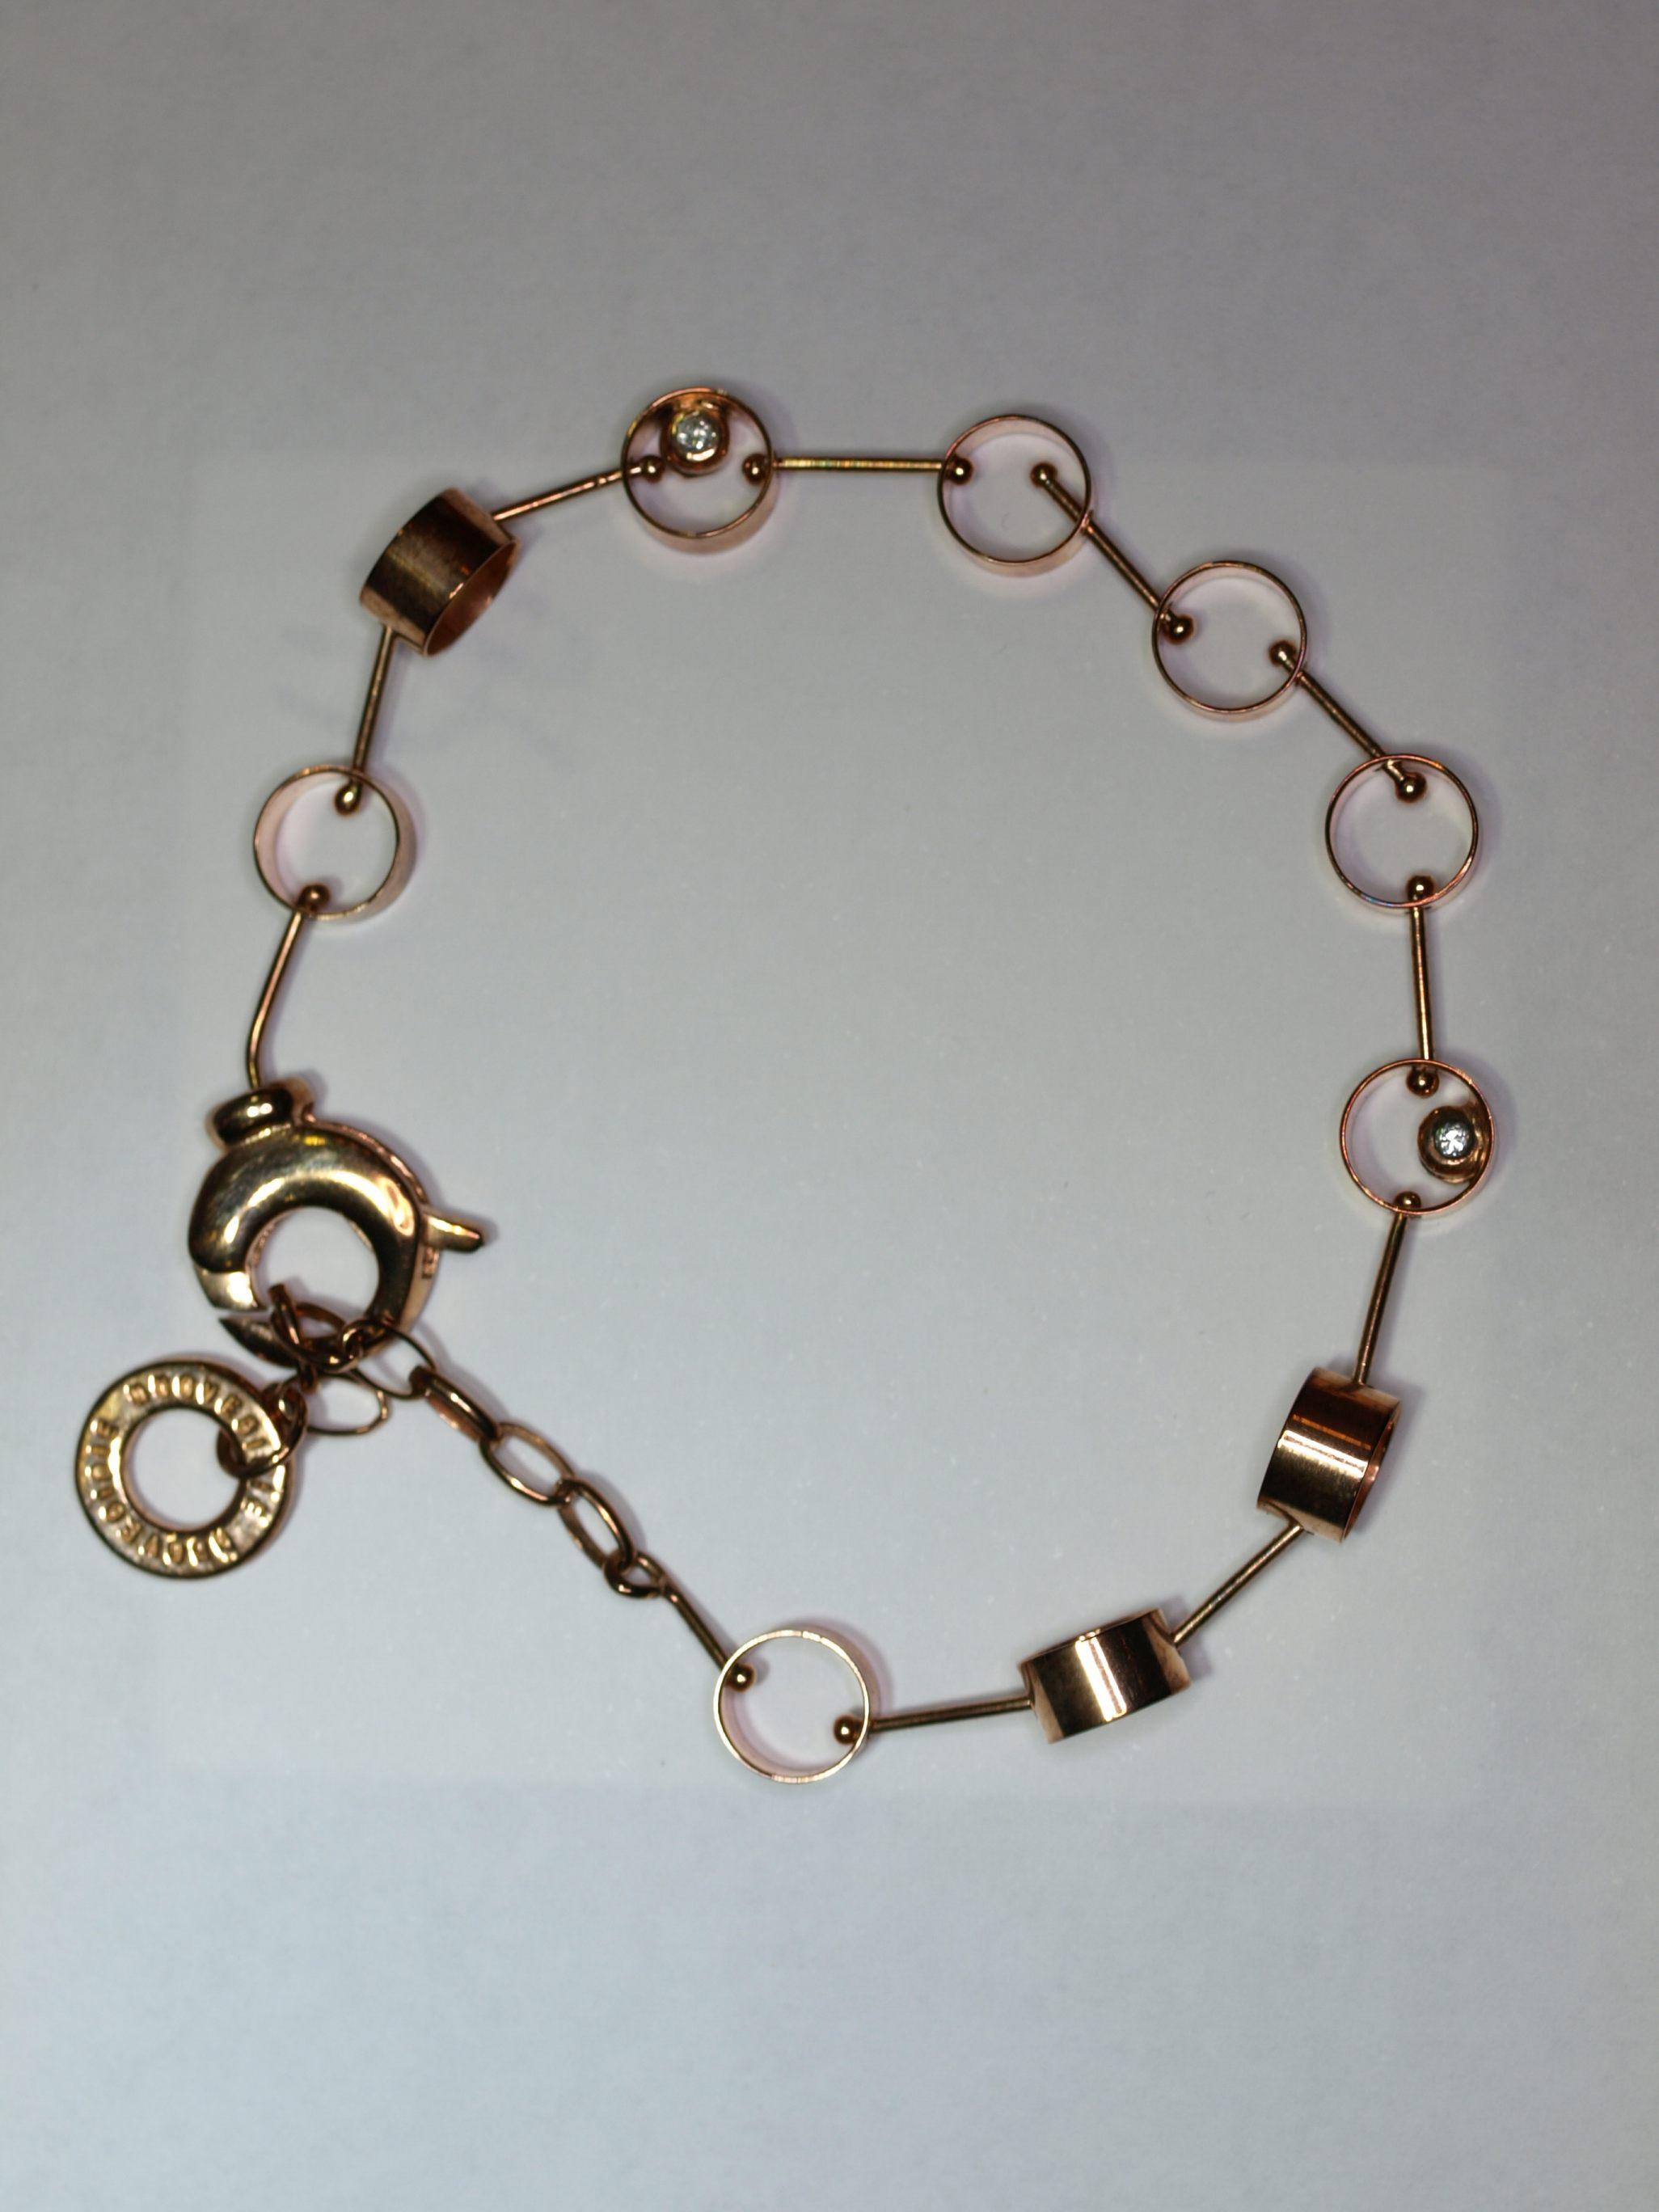 Comprar joyas y relojes baratos ofertas descuentos for Banos electroliticos para joyeria